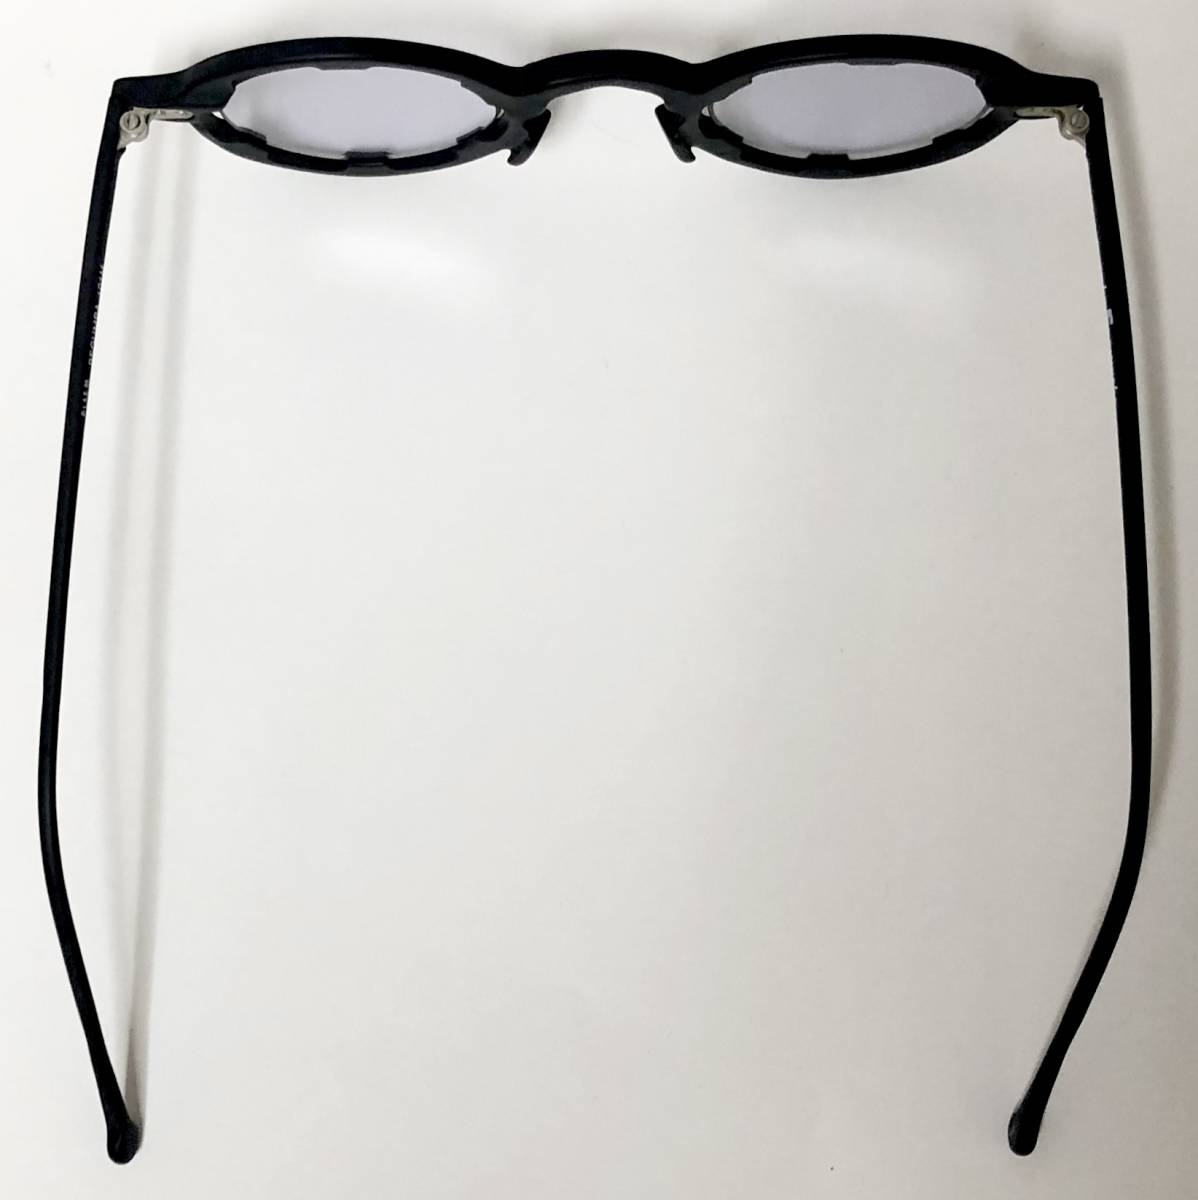 【ビンテージ・未使用】1990年代 l.a. Eyeworks イタリア製レグンバ 黒 高級メガネ エルエーアイワークス /ヴィンテージ 米国ブランド_画像8